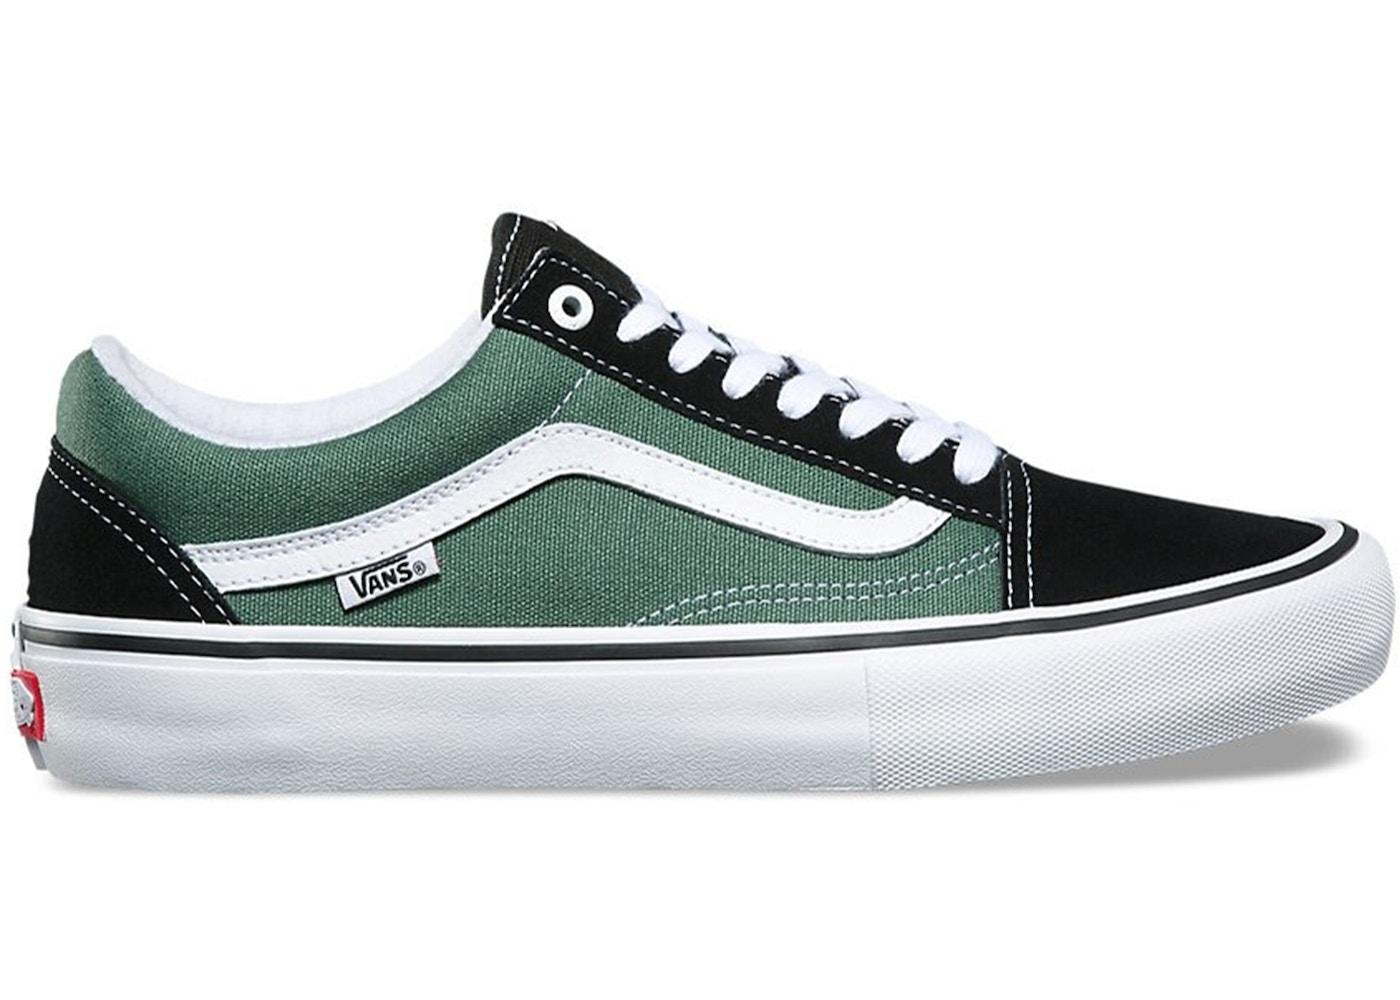 Vans Old Skool Black Duck Green - Sneakers